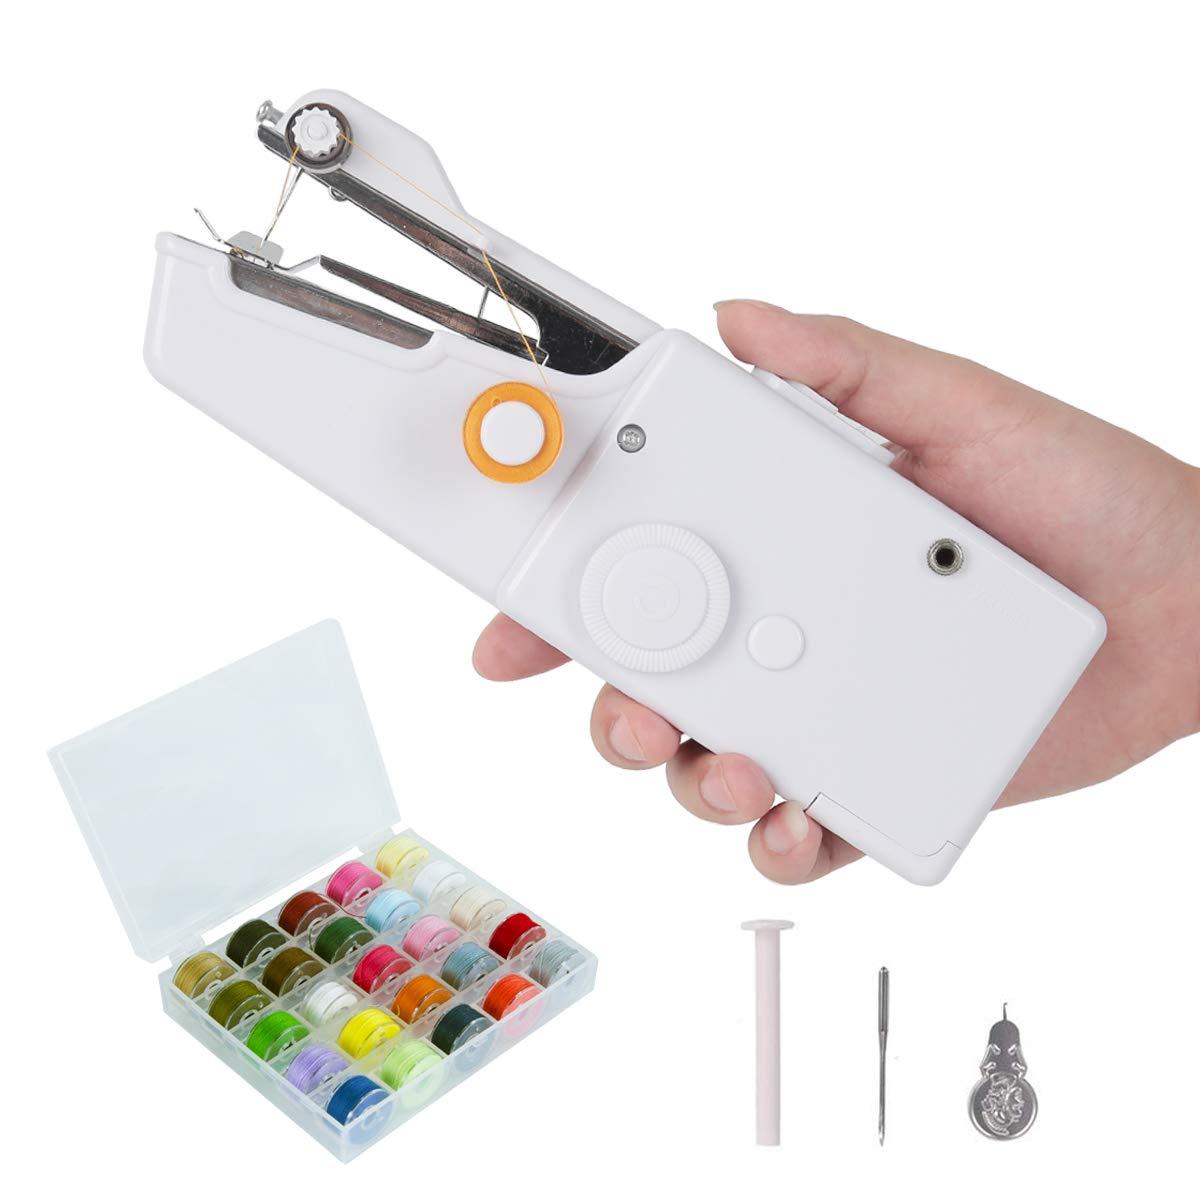 mini outil de m/énage de point /électrique sans fil de rideaux portatifs pour lutilisation de voyage /à la maison avec 28 couleurs de fil de canette Machine /à coudre portative daiguille et de fileur